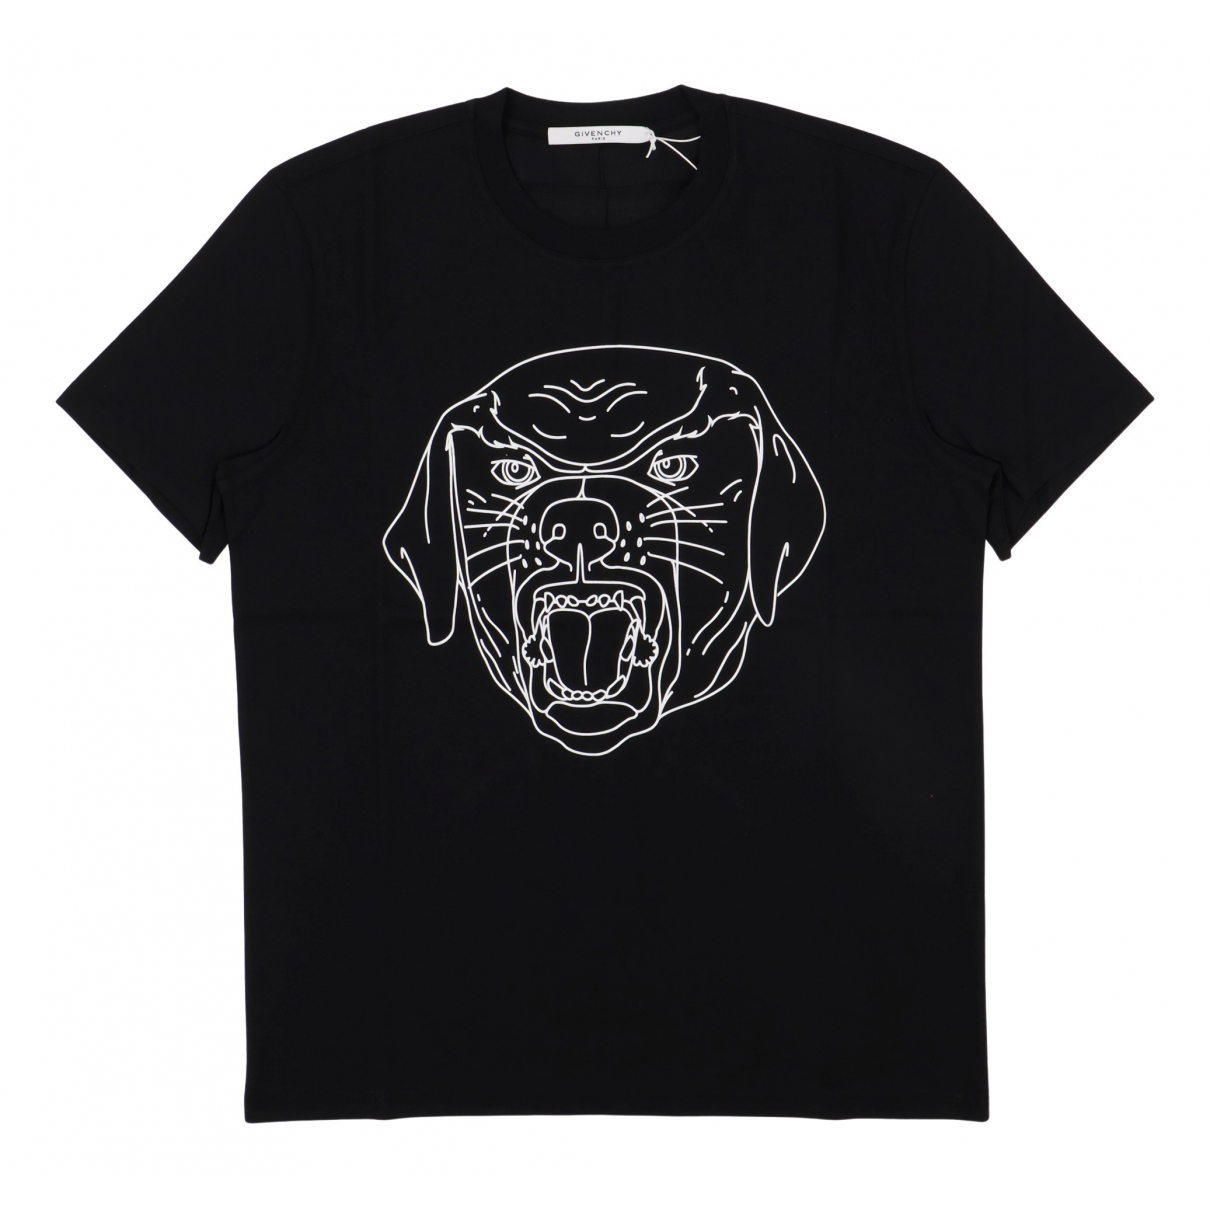 Givenchy - Tee shirts   pour homme en coton - noir